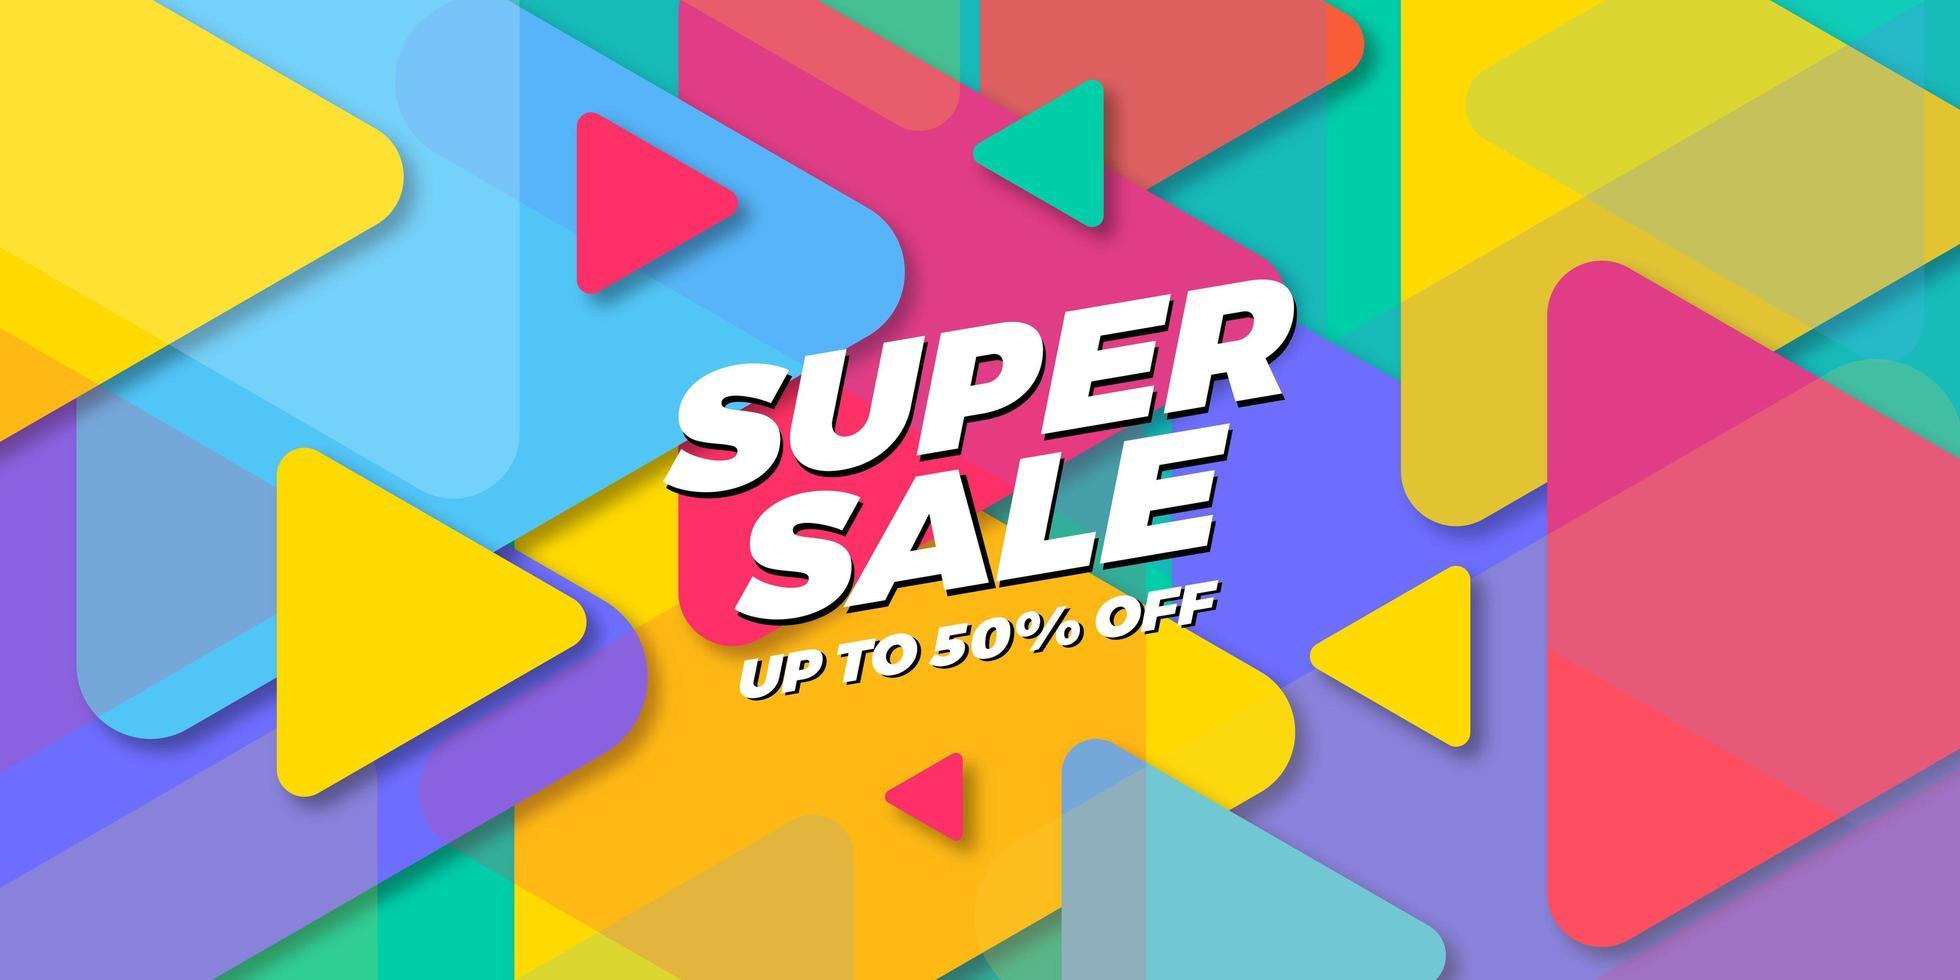 speciale super verkoop achtergrond met felle kleur vector